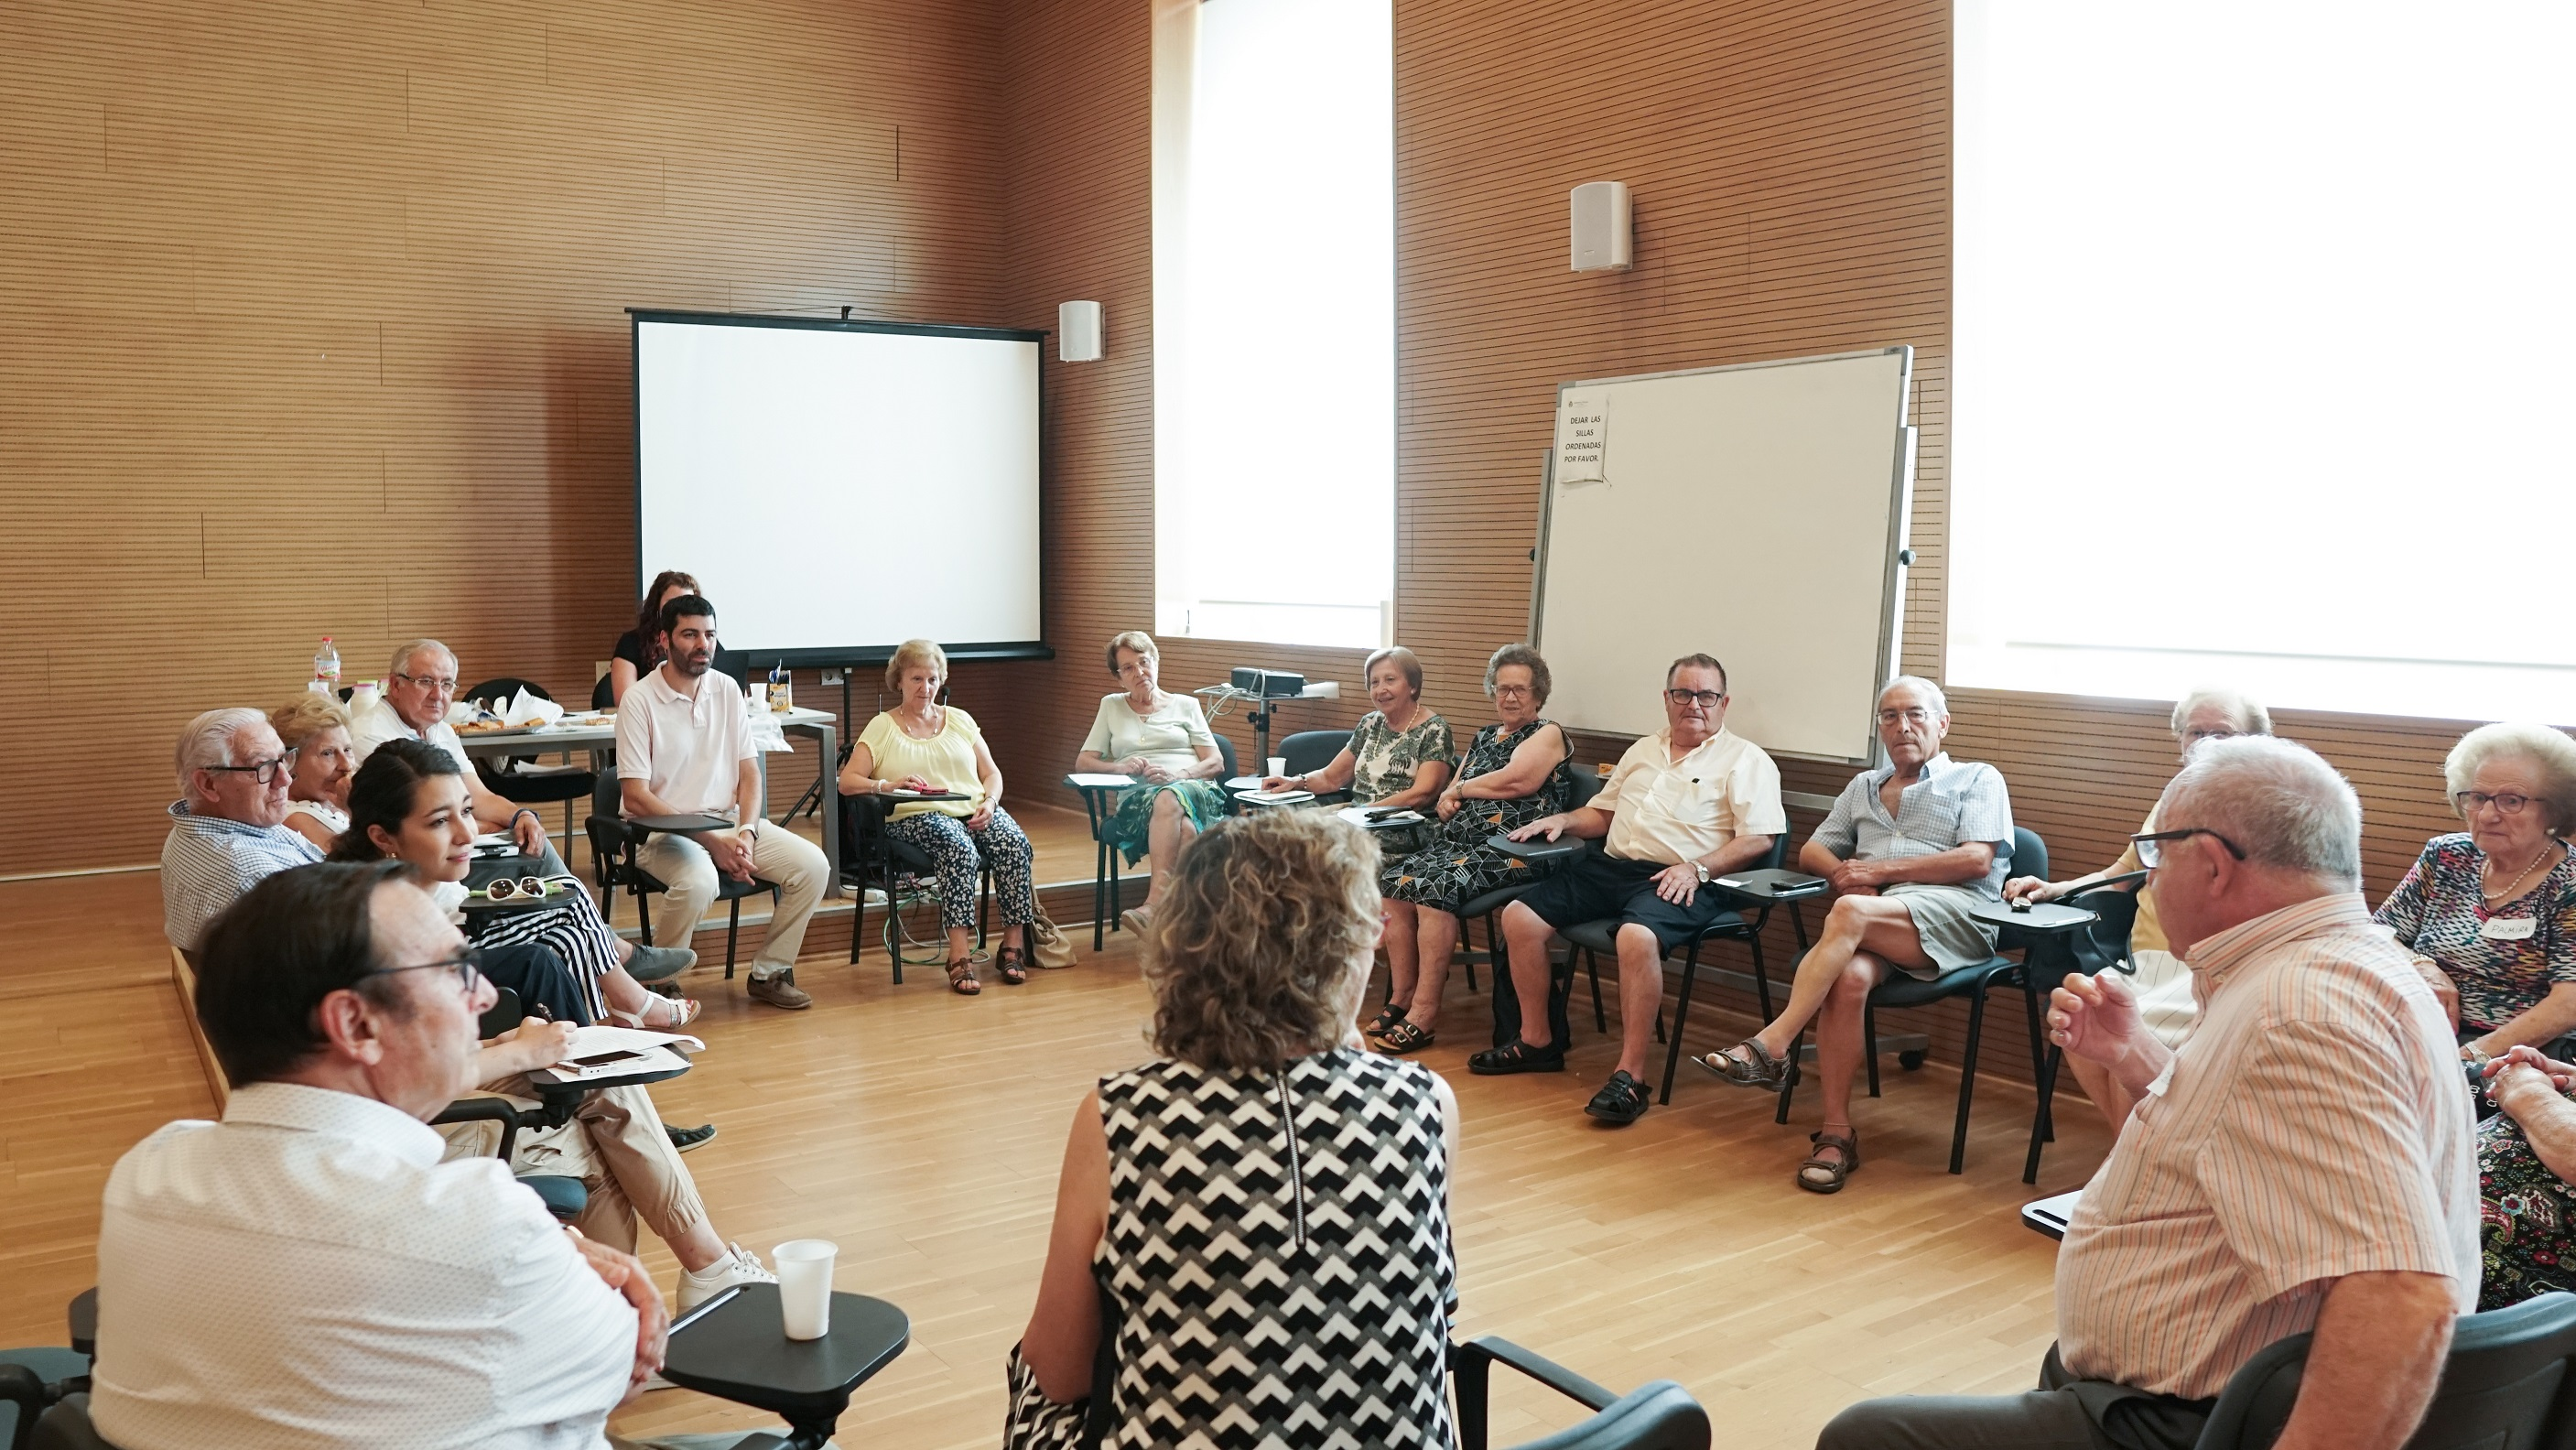 Servicios Sociales elabora el primer Plan de Personas Mayores para favorecer el envejecimiento activo de la población.